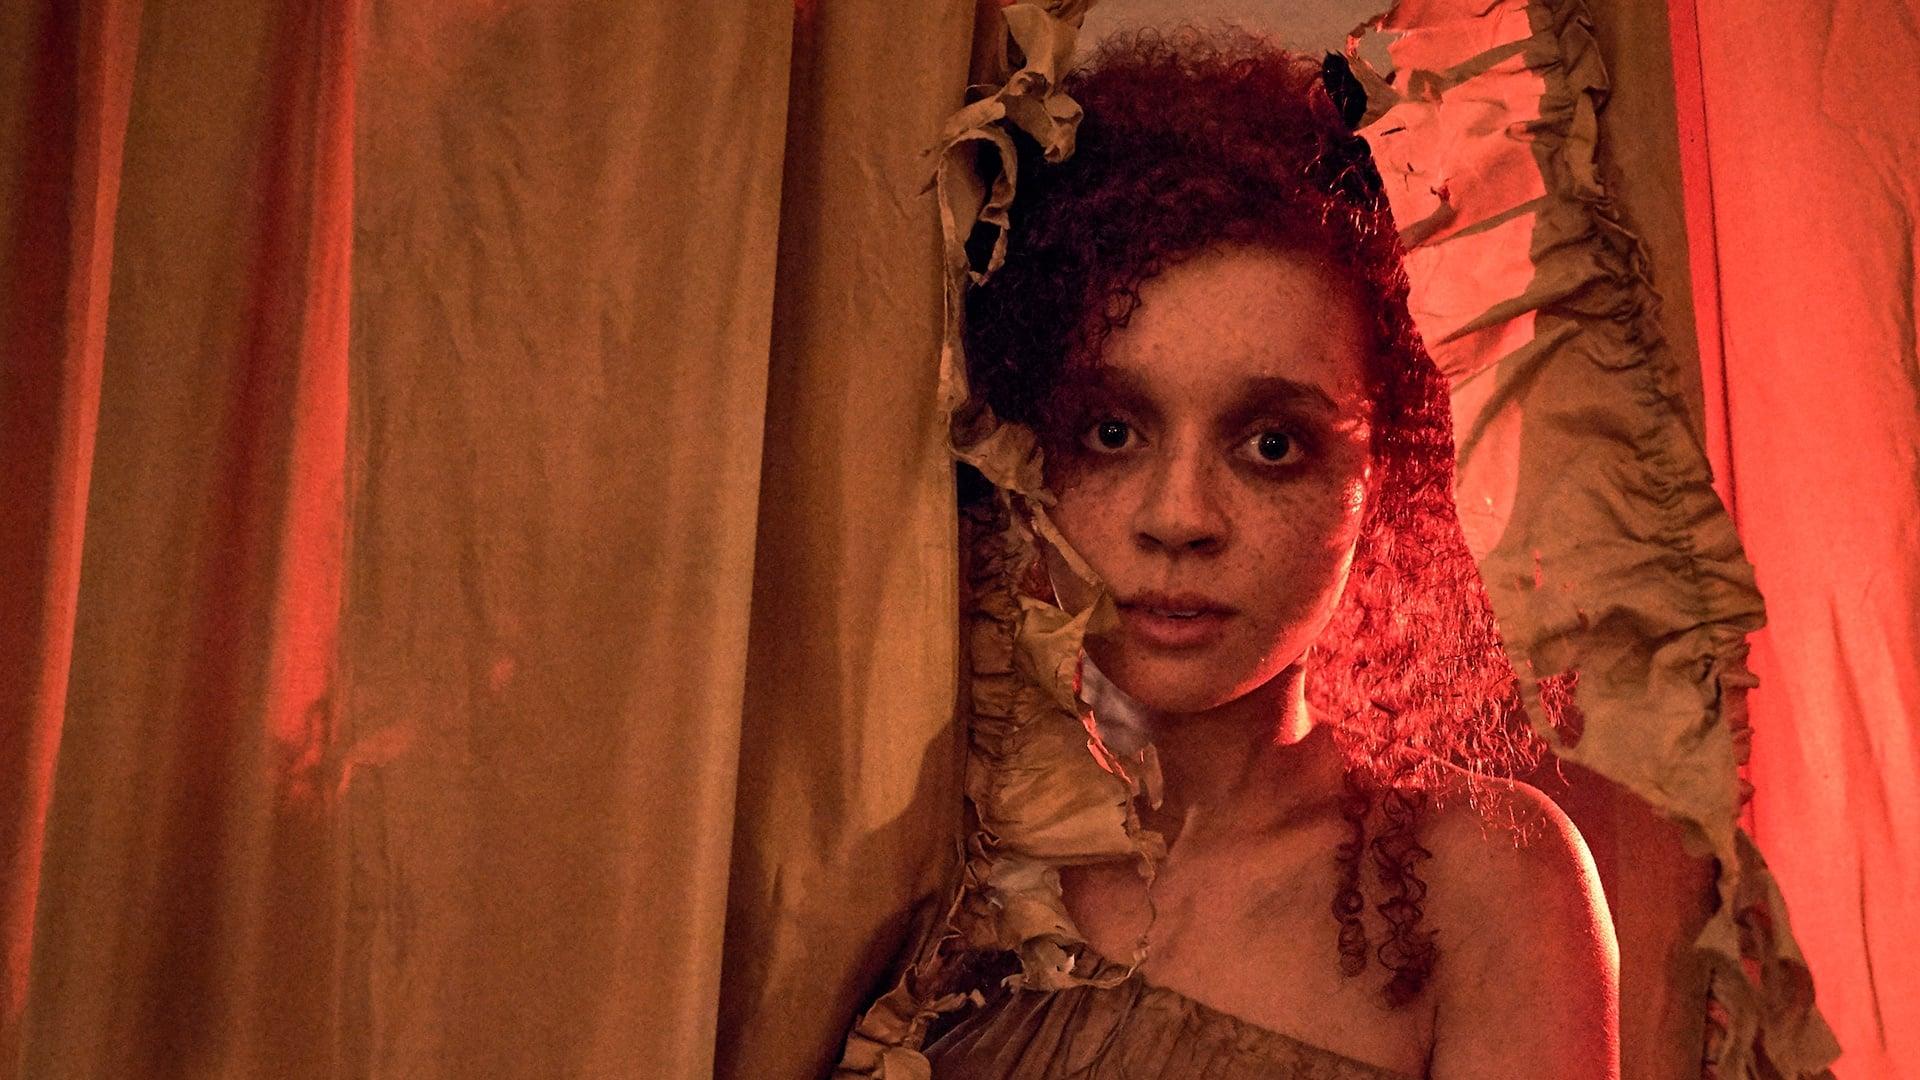 مترجمة أون لاين - Les Misérables: 1x4 - مشاهده وتحميل حلقة - Movs4u موفيز  فور يو